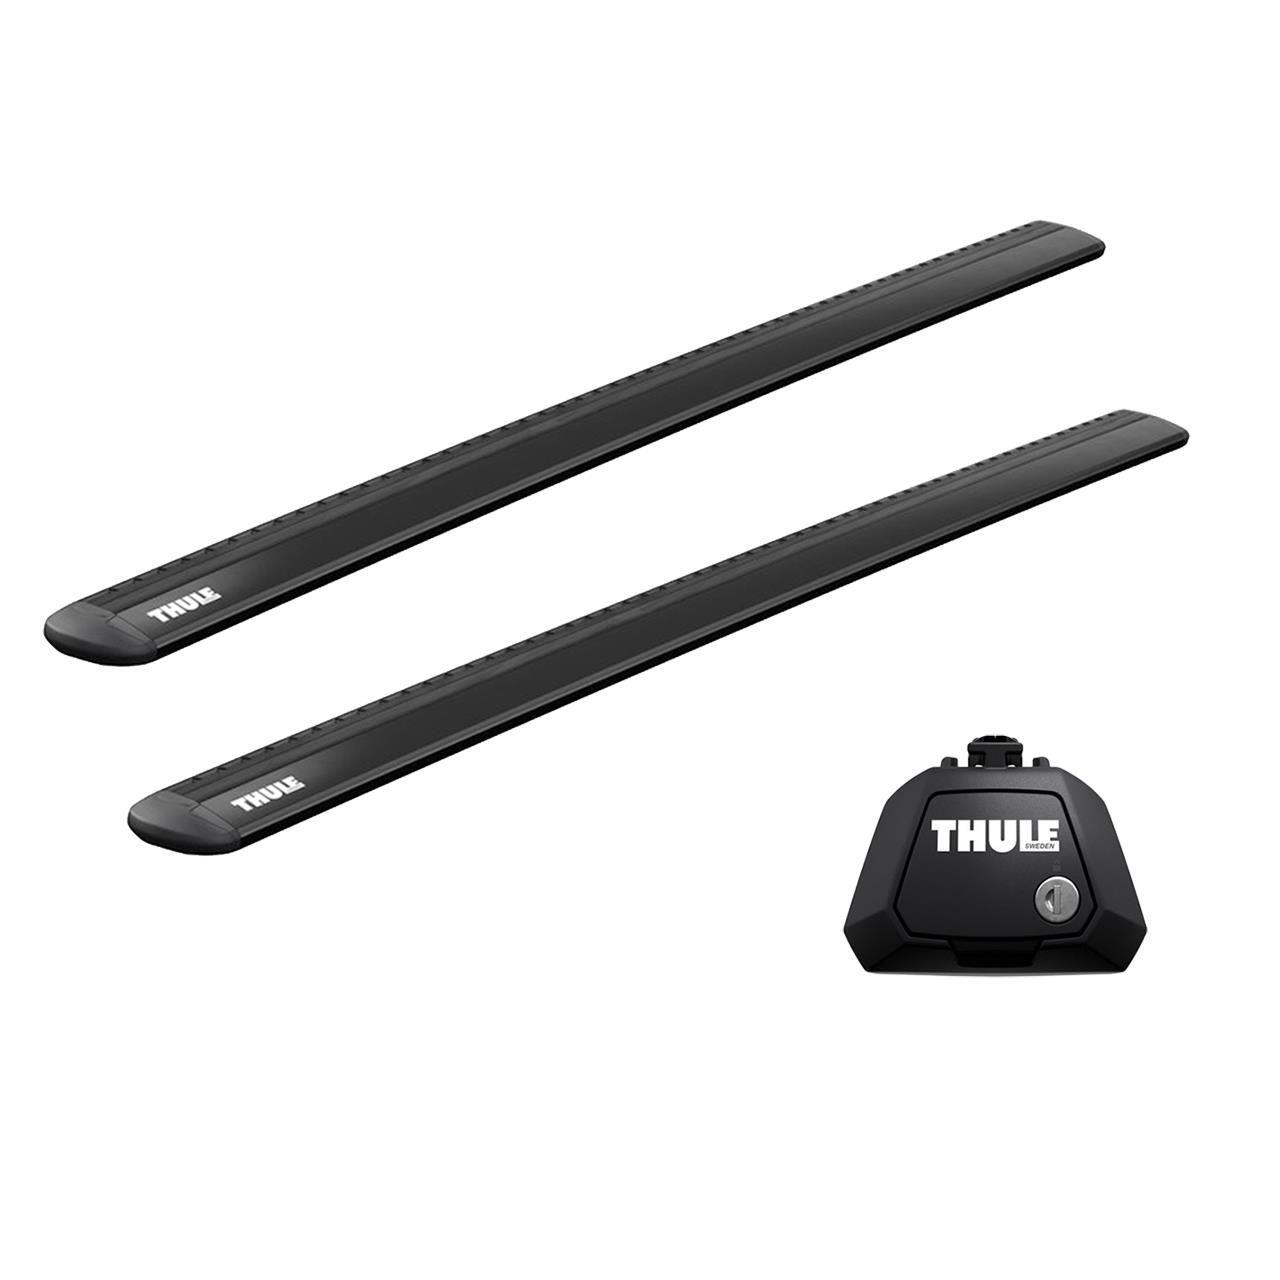 Напречни греди Thule Evo Raised Rail WingBar Evo 127cm в Черно за SSANGYONG Kyron 5 врати SUV 2005- с фабрични надлъжни греди с просвет 1